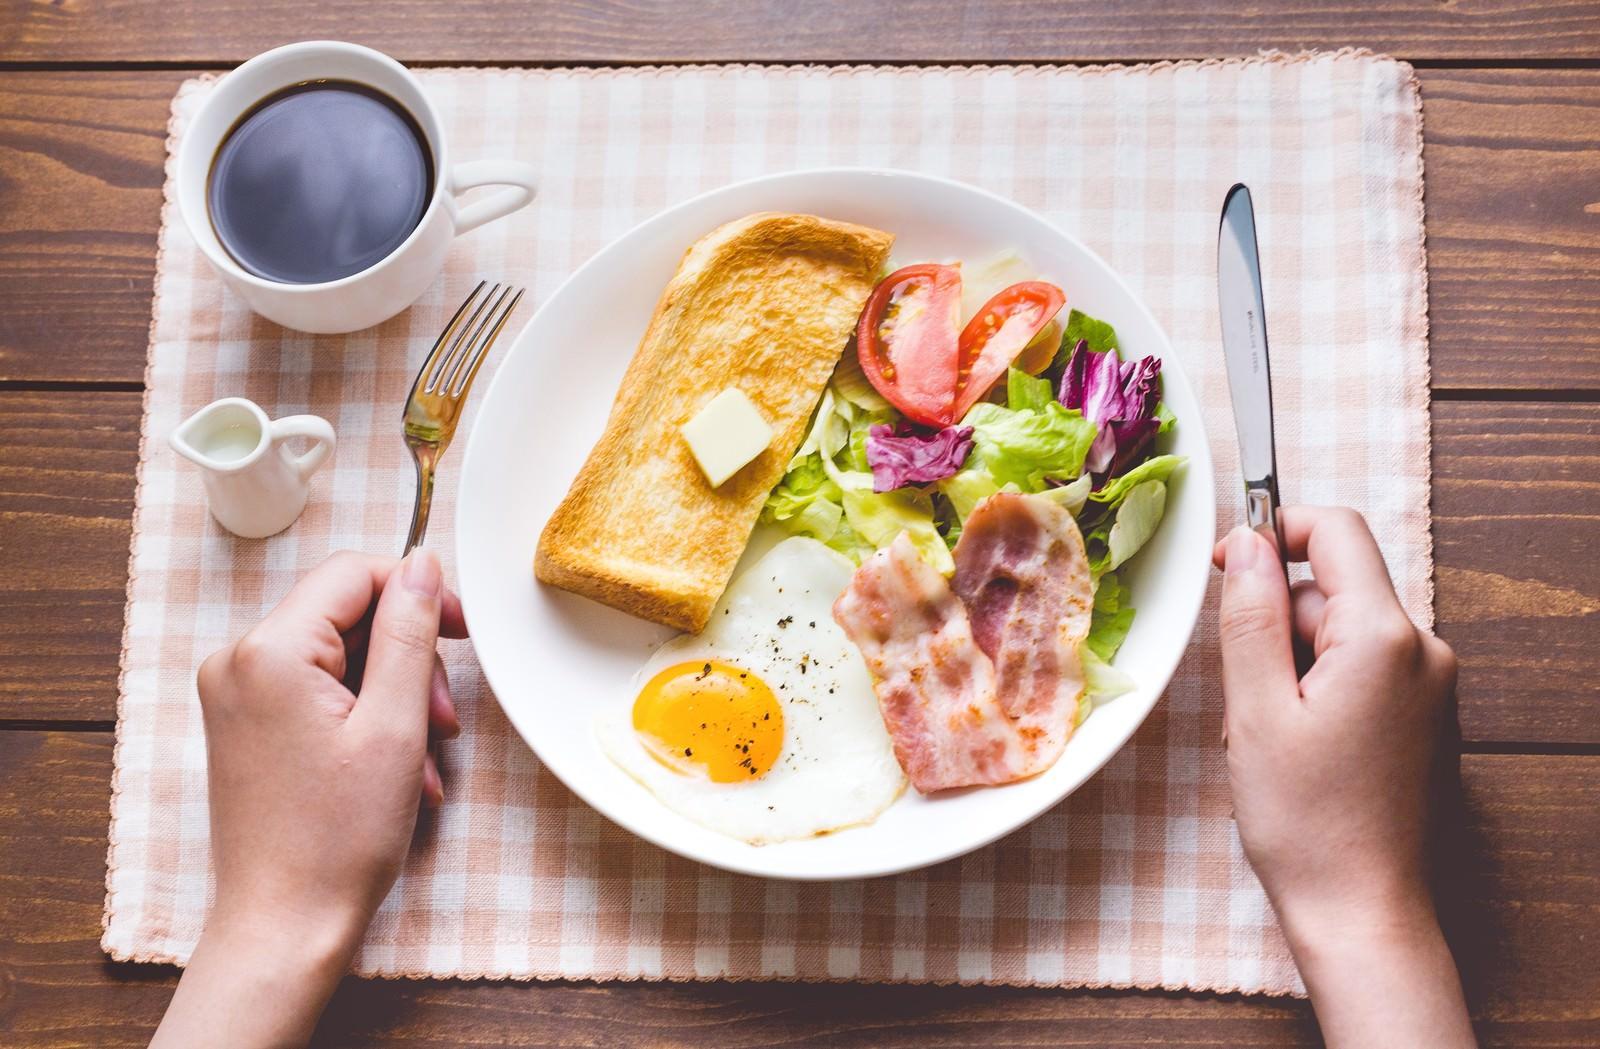 「朝食はコーヒーとパン、目玉焼きにベーコン朝食はコーヒーとパン、目玉焼きにベーコン」のフリー写真素材を拡大